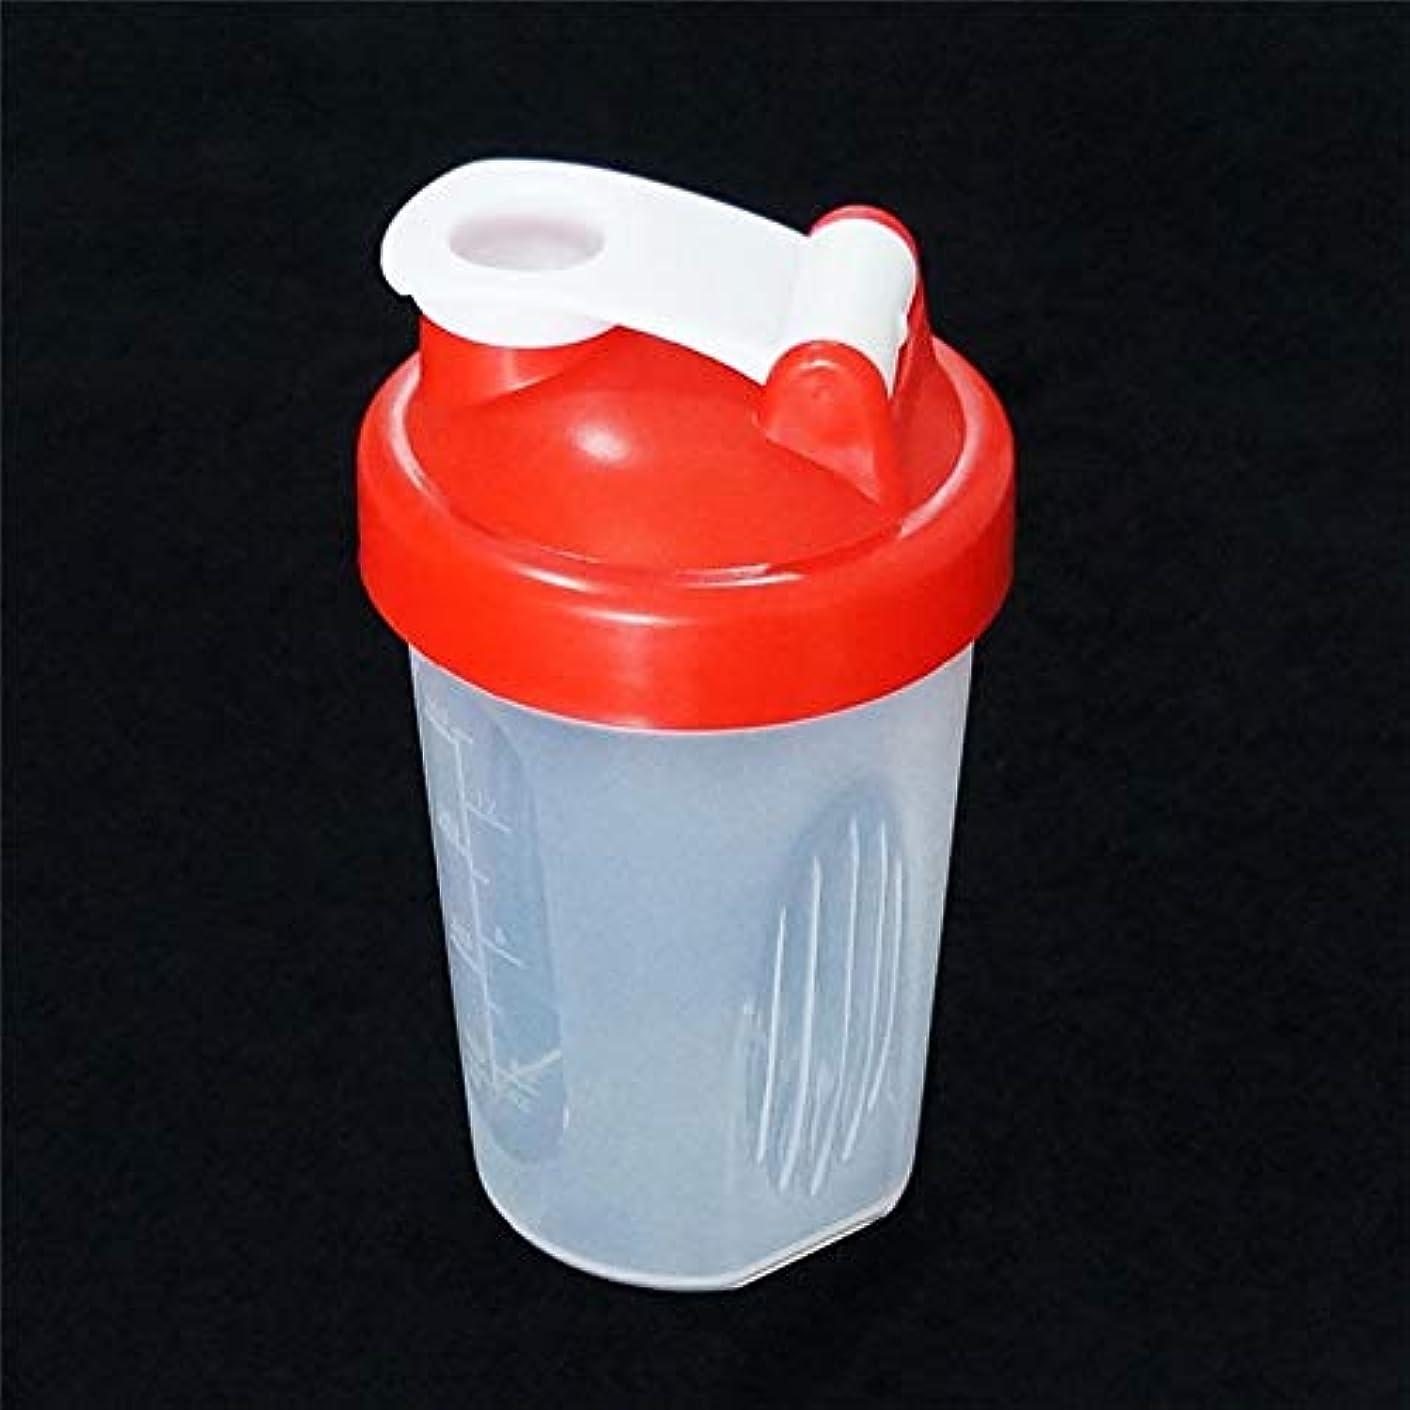 大聖堂急降下酔っ払いMaxcrestas - 400ML Plastic Shake Cups Drink Creative Large Capacity Free Shake Blender Shaker Mixer Cups Drink Whisk Ball Bottle New Arrivals